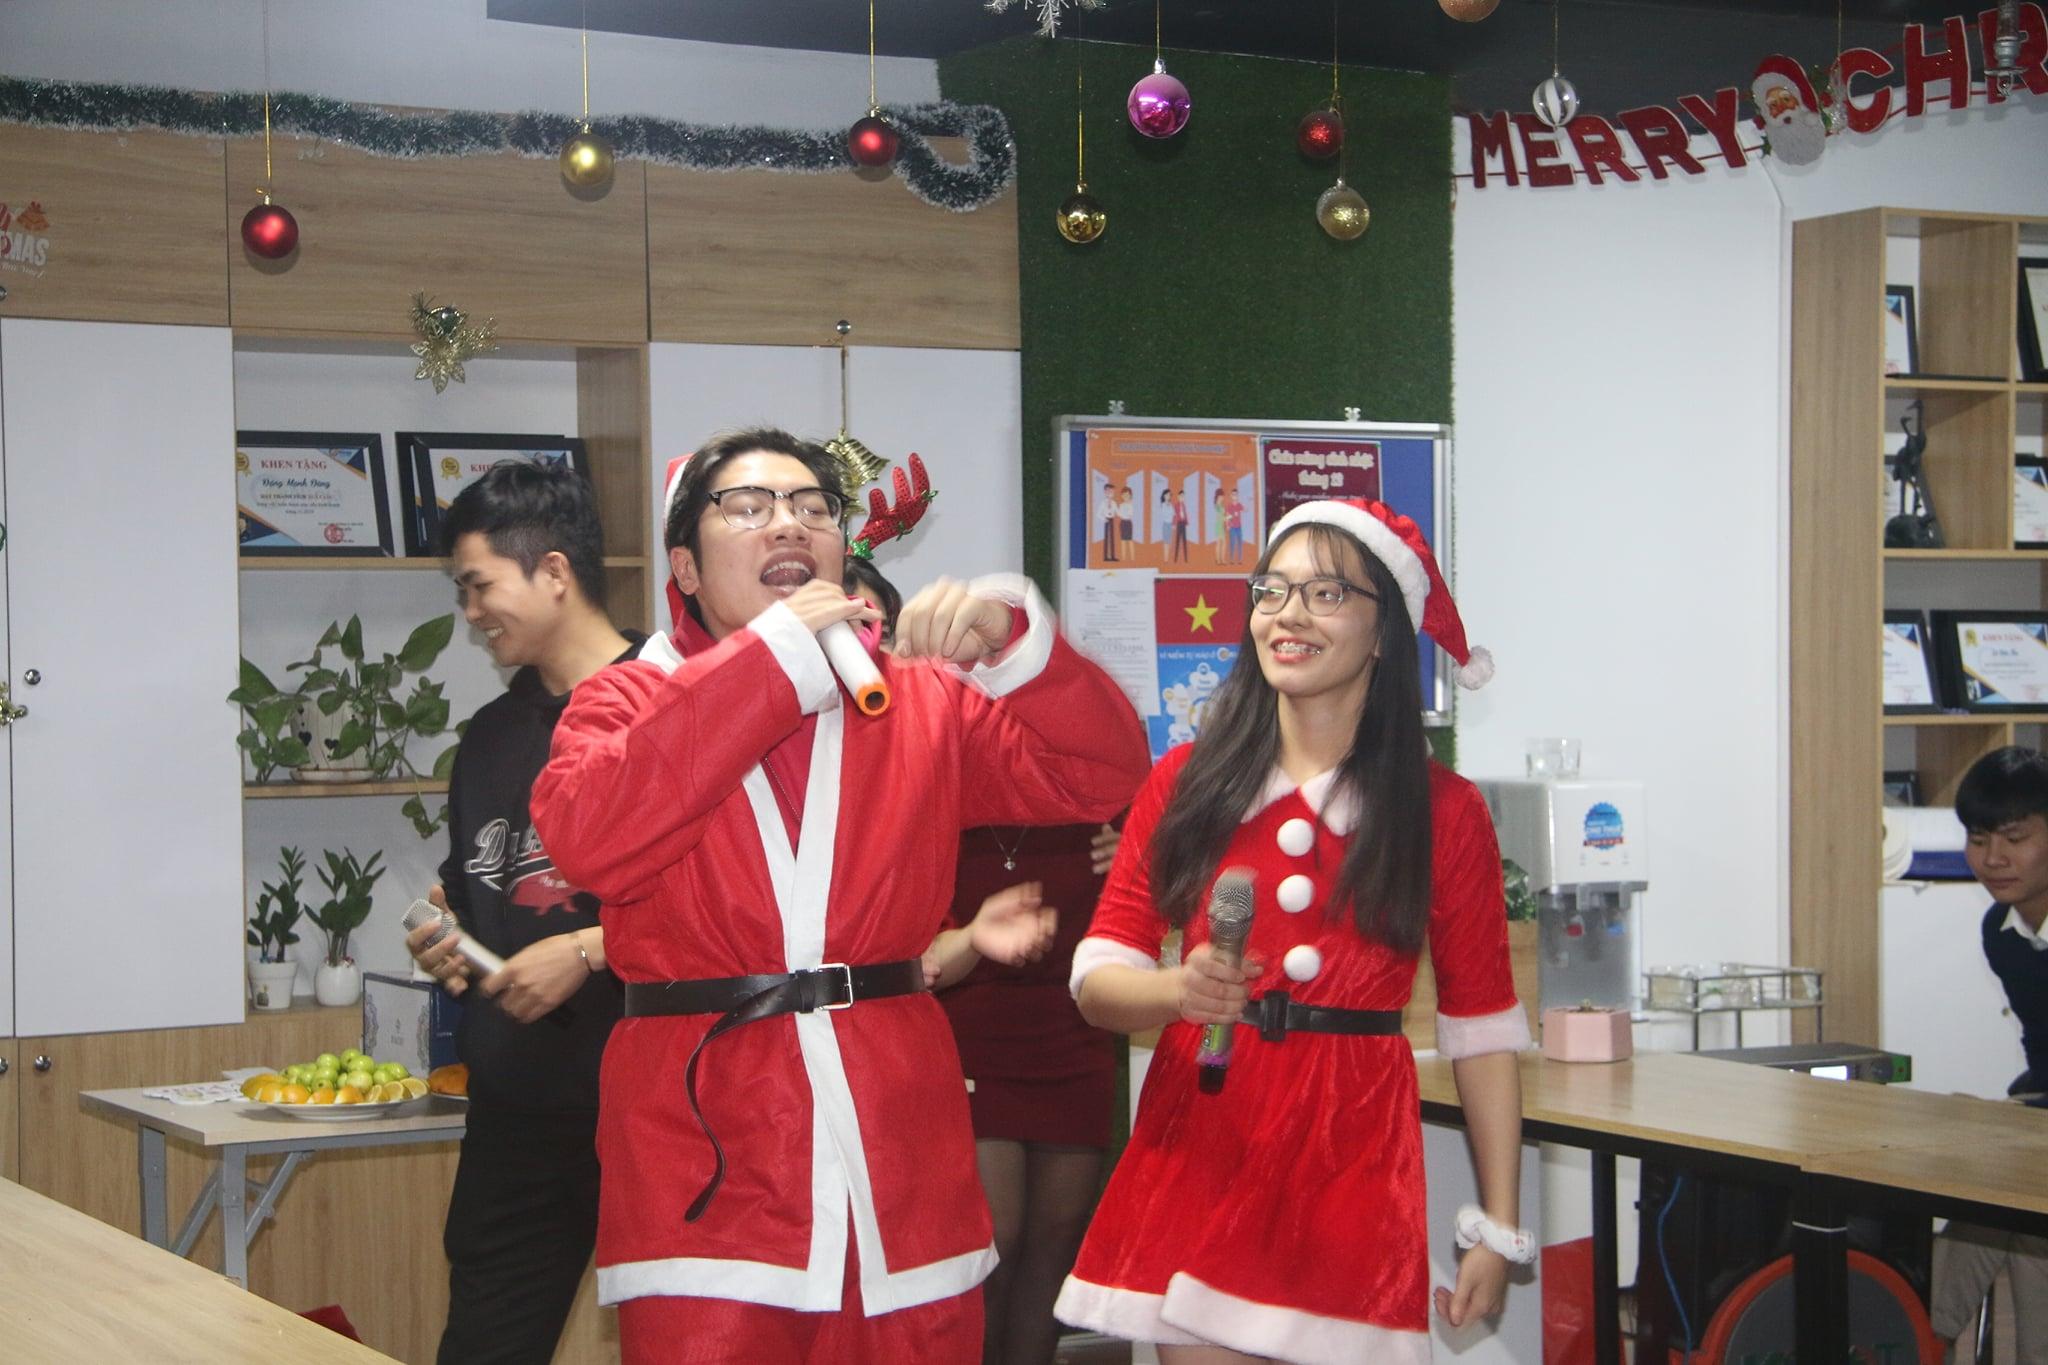 giang sinh ninja6jpg Tháng 12 ấm áp và nhiều niềm vui với đại tiệc cuối năm